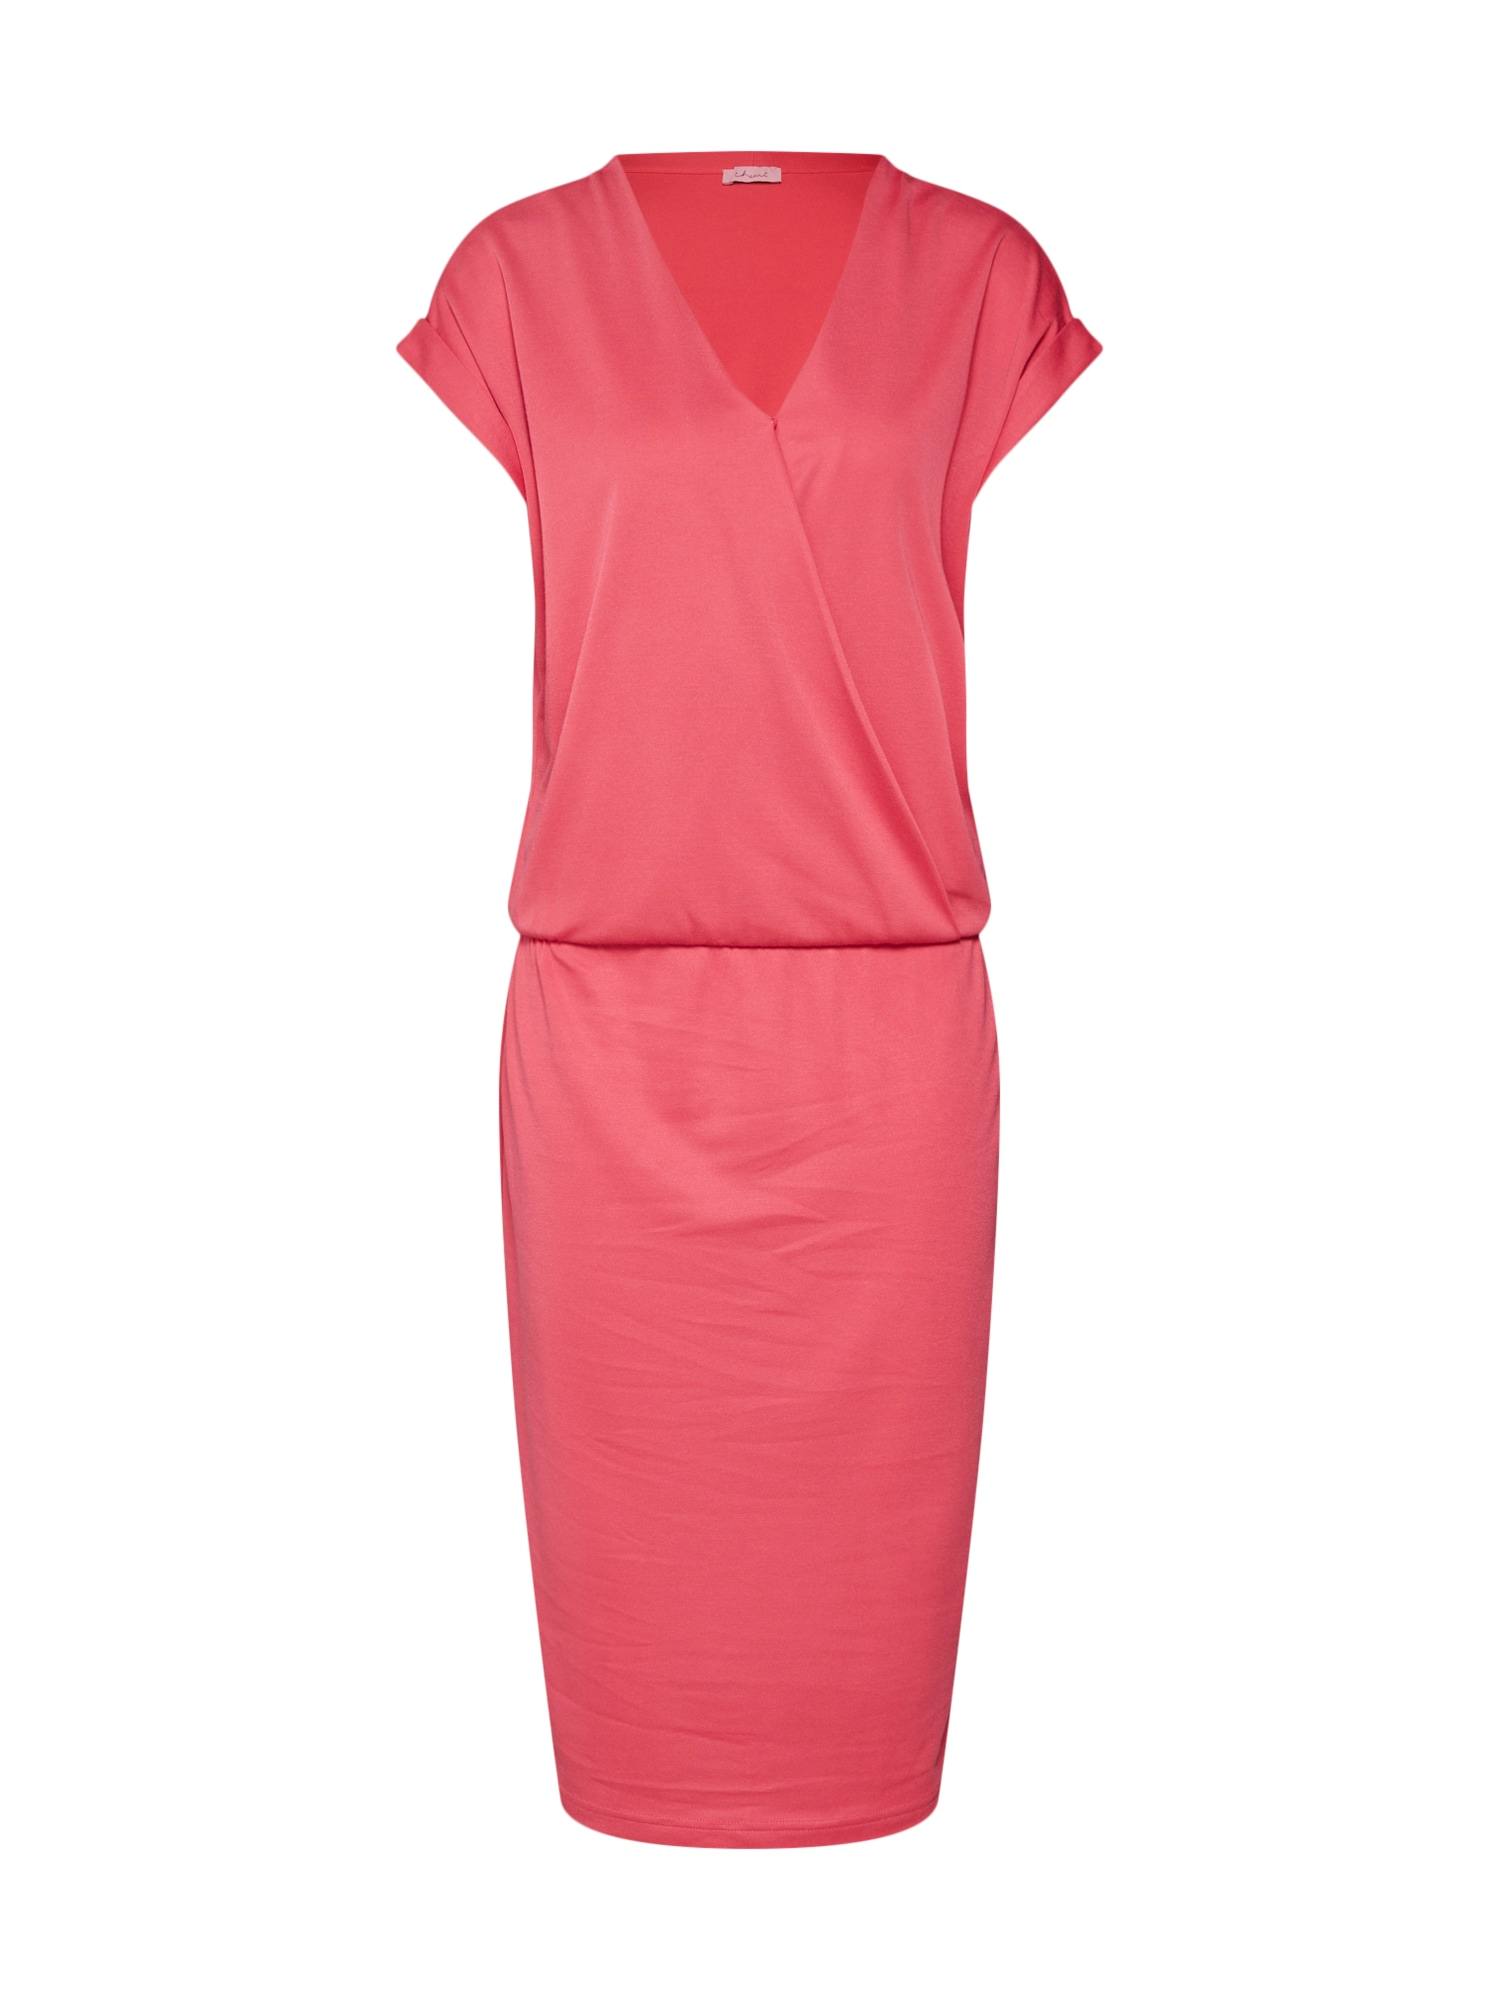 Šaty Estelle pastelově červená Iheart